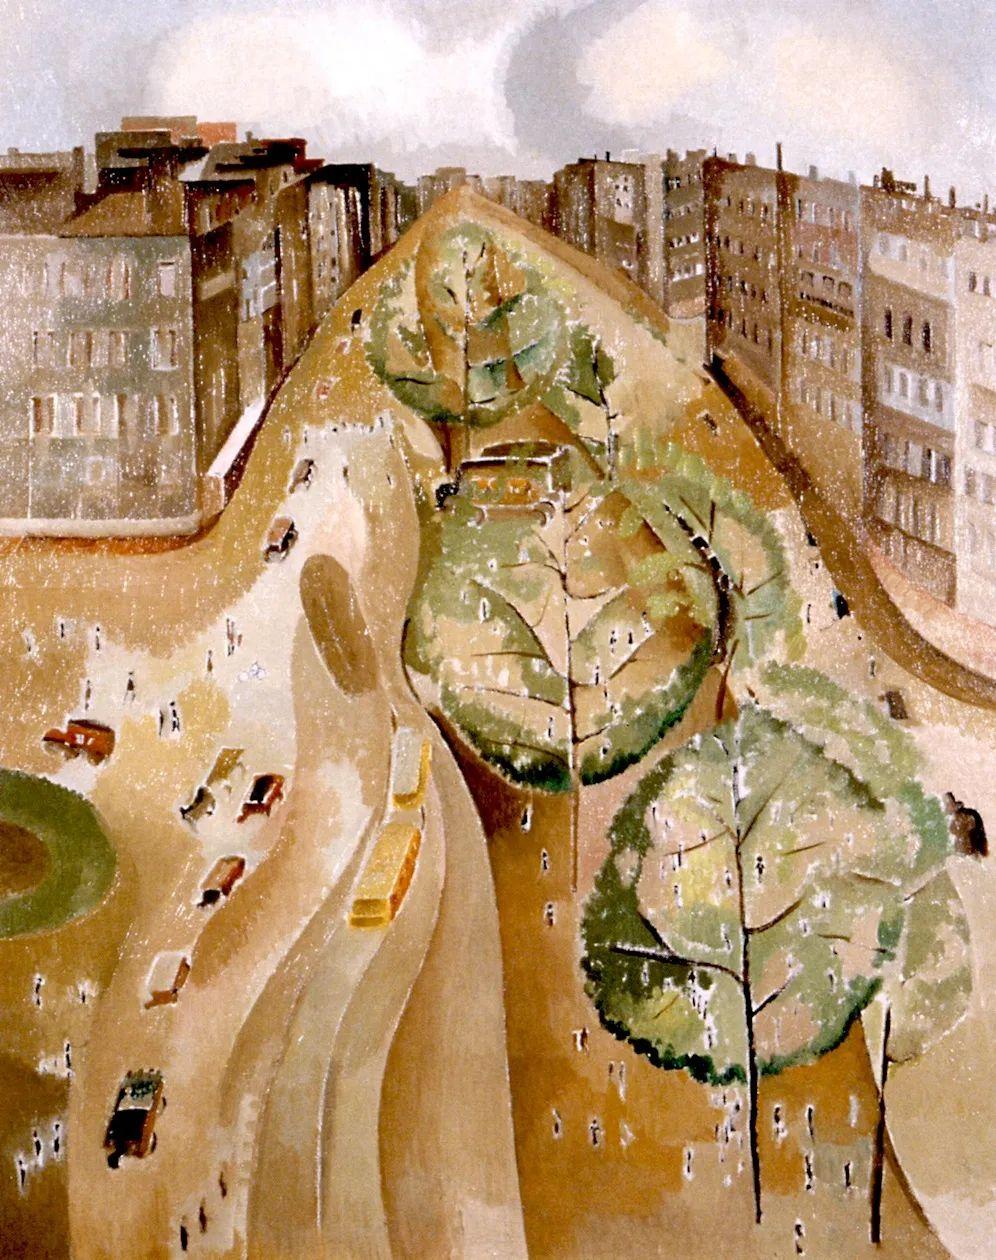 强烈的色彩和粗犷的线条,瑞士先锋派女画家艾丽丝·贝利!插图81